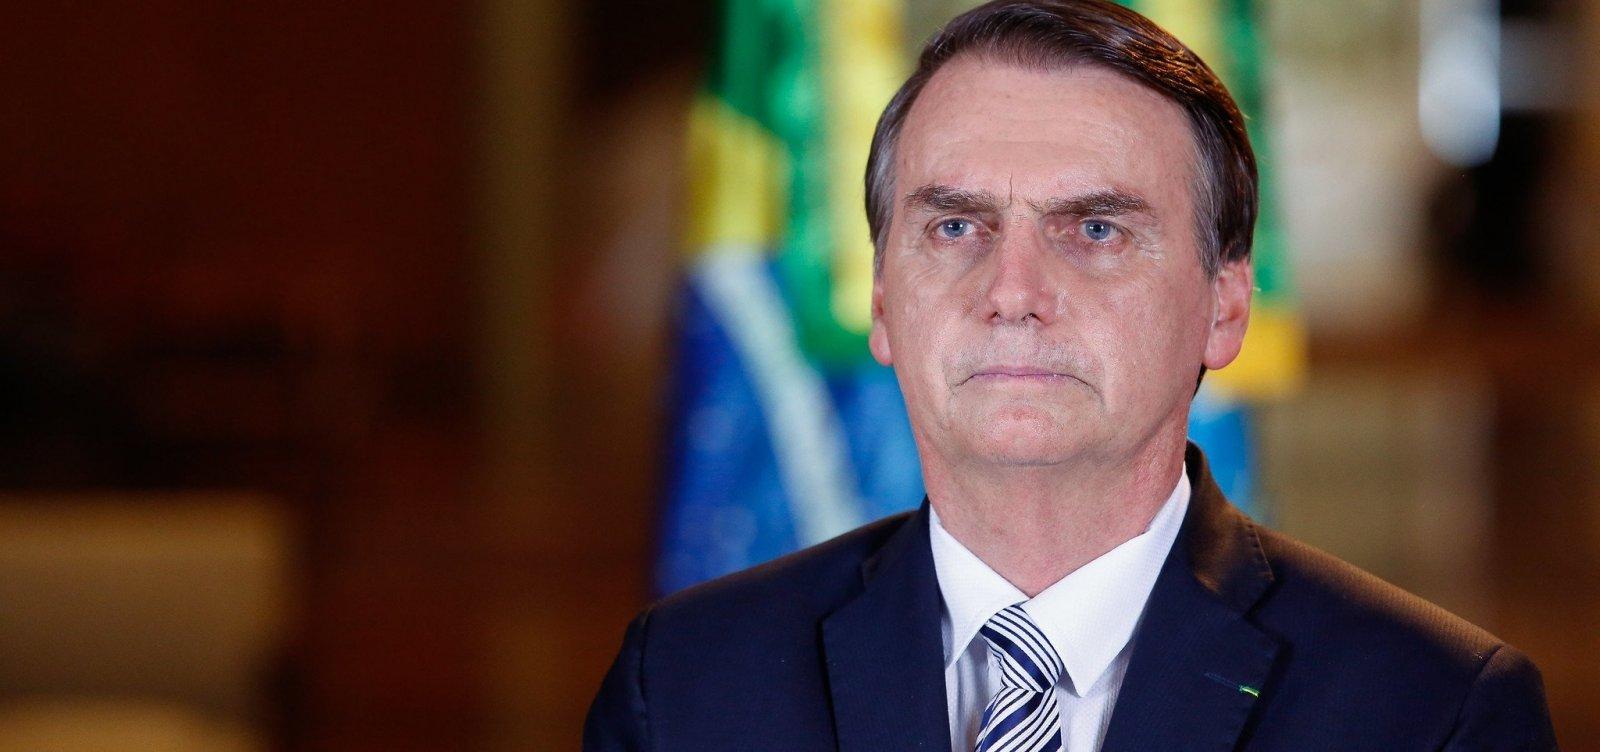 Se Deus quiser vou continuar meu mandato, diz Bolsonaro